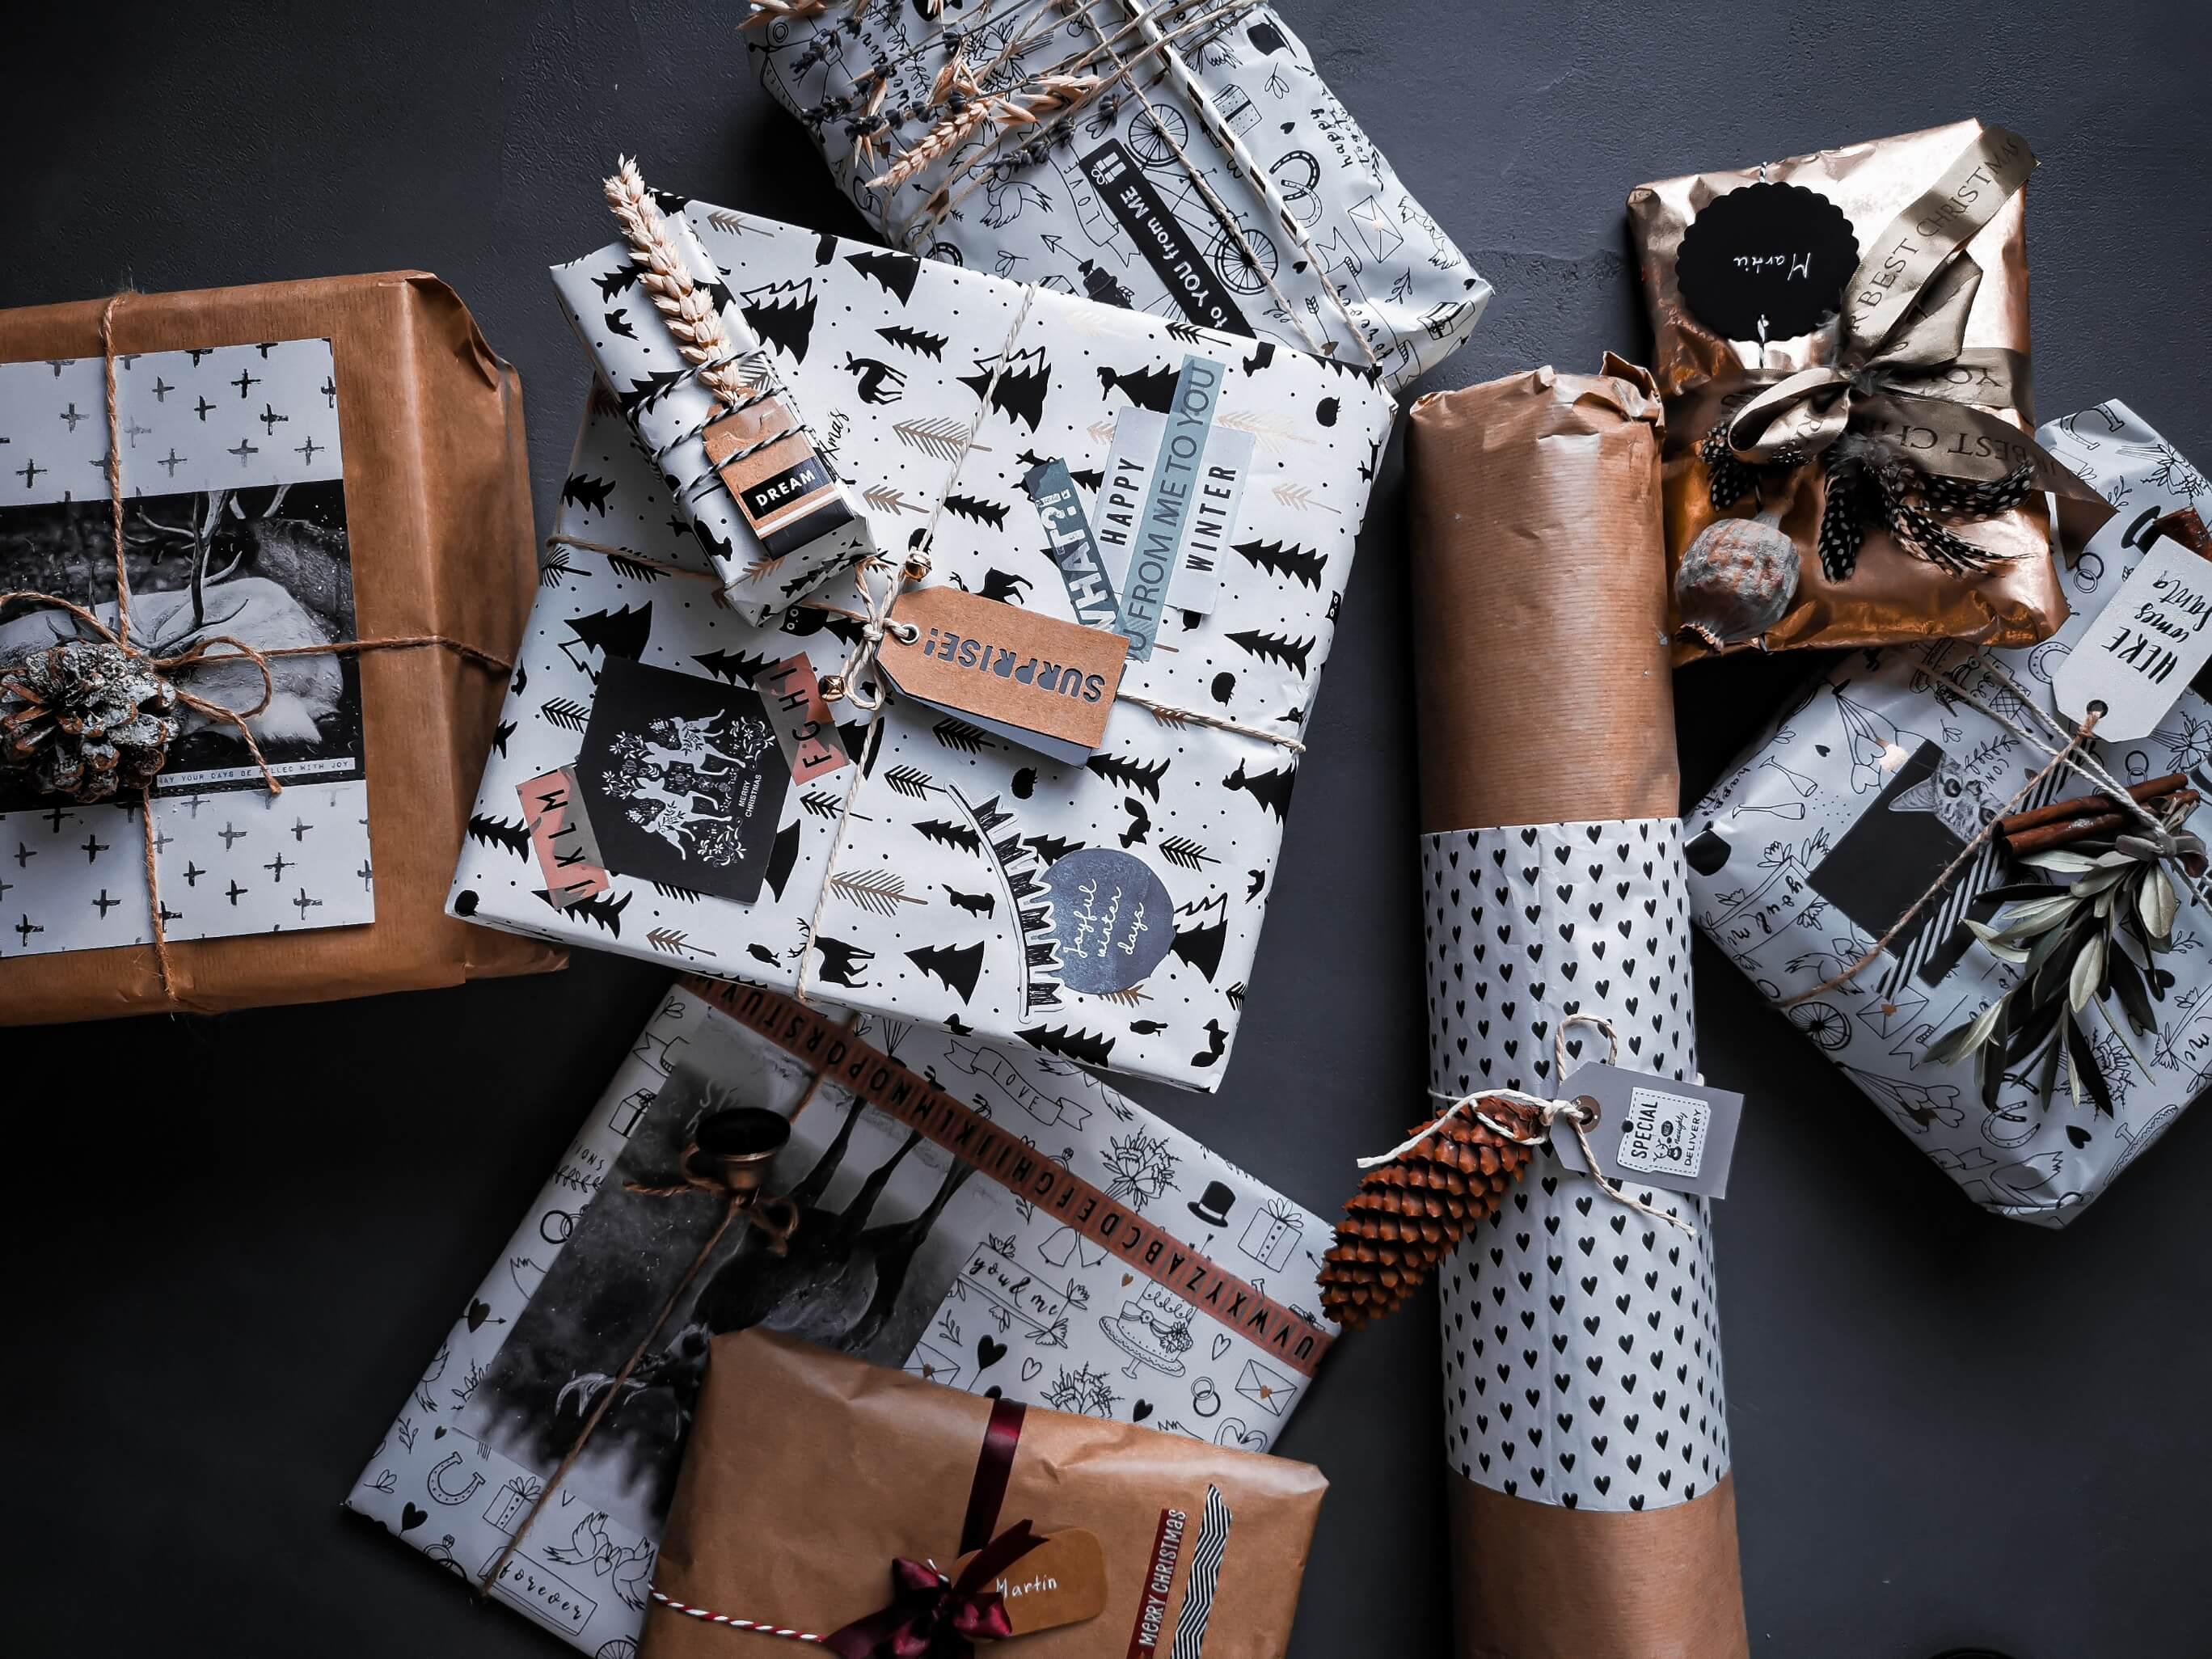 IMG 20191207 113524 resized 20191215 081647725 - Geschenke verpacken: 11 kreative Tipps zum Selbermachen